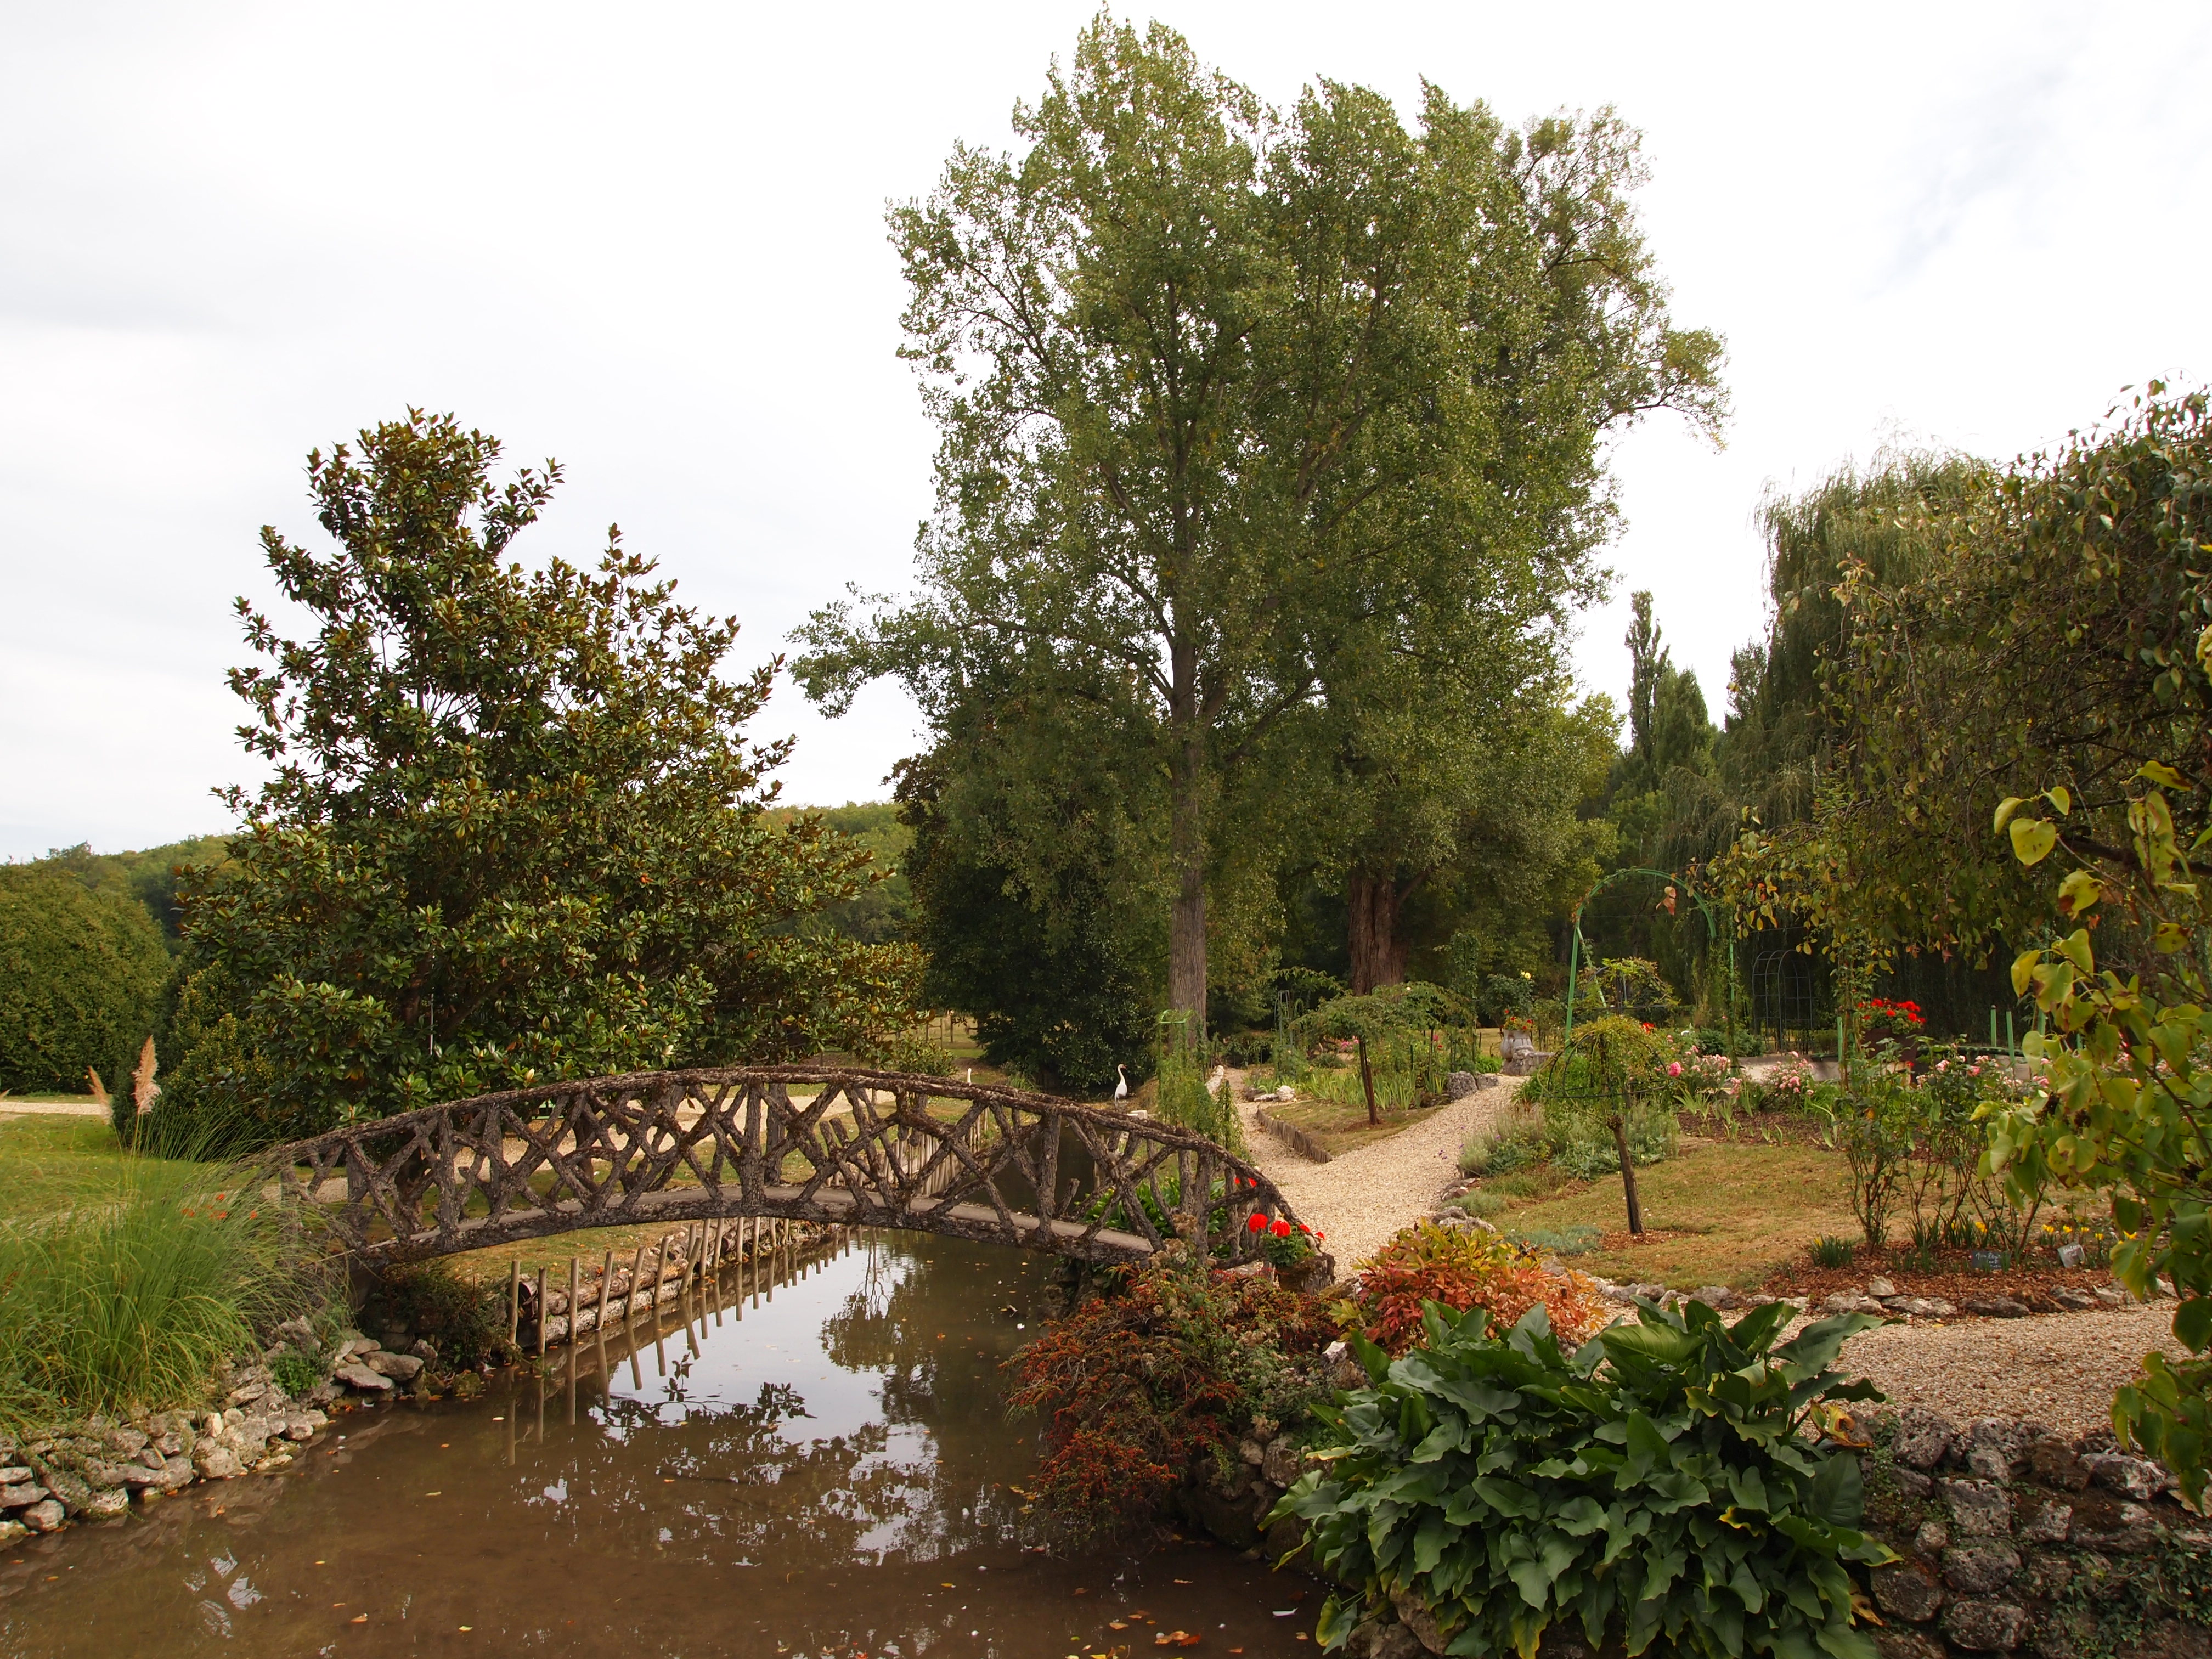 Les Jardins Du Moulin Paysagiste moulin de nanteuillet — wikipédia